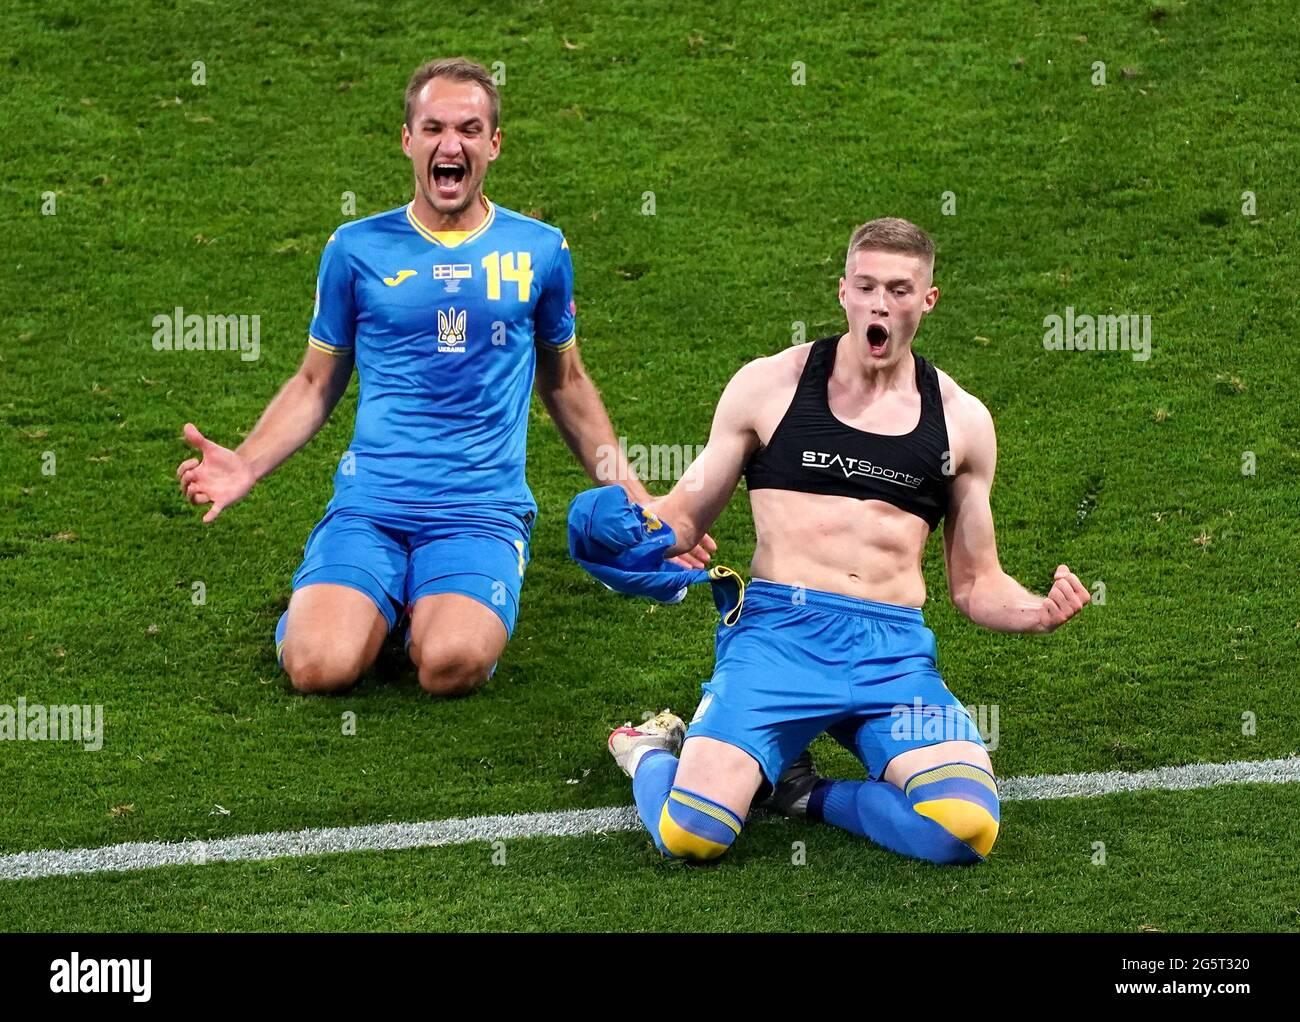 Der ukrainische Artem Dovbyk feiert das zweite Tor seiner Mannschaft im Spiel mit Teamkollegen während der UEFA Euro 2020-Runde von 16 im Hampden Park, Glasgow. Bilddatum: Dienstag, 29. Juni 2021. Stockfoto